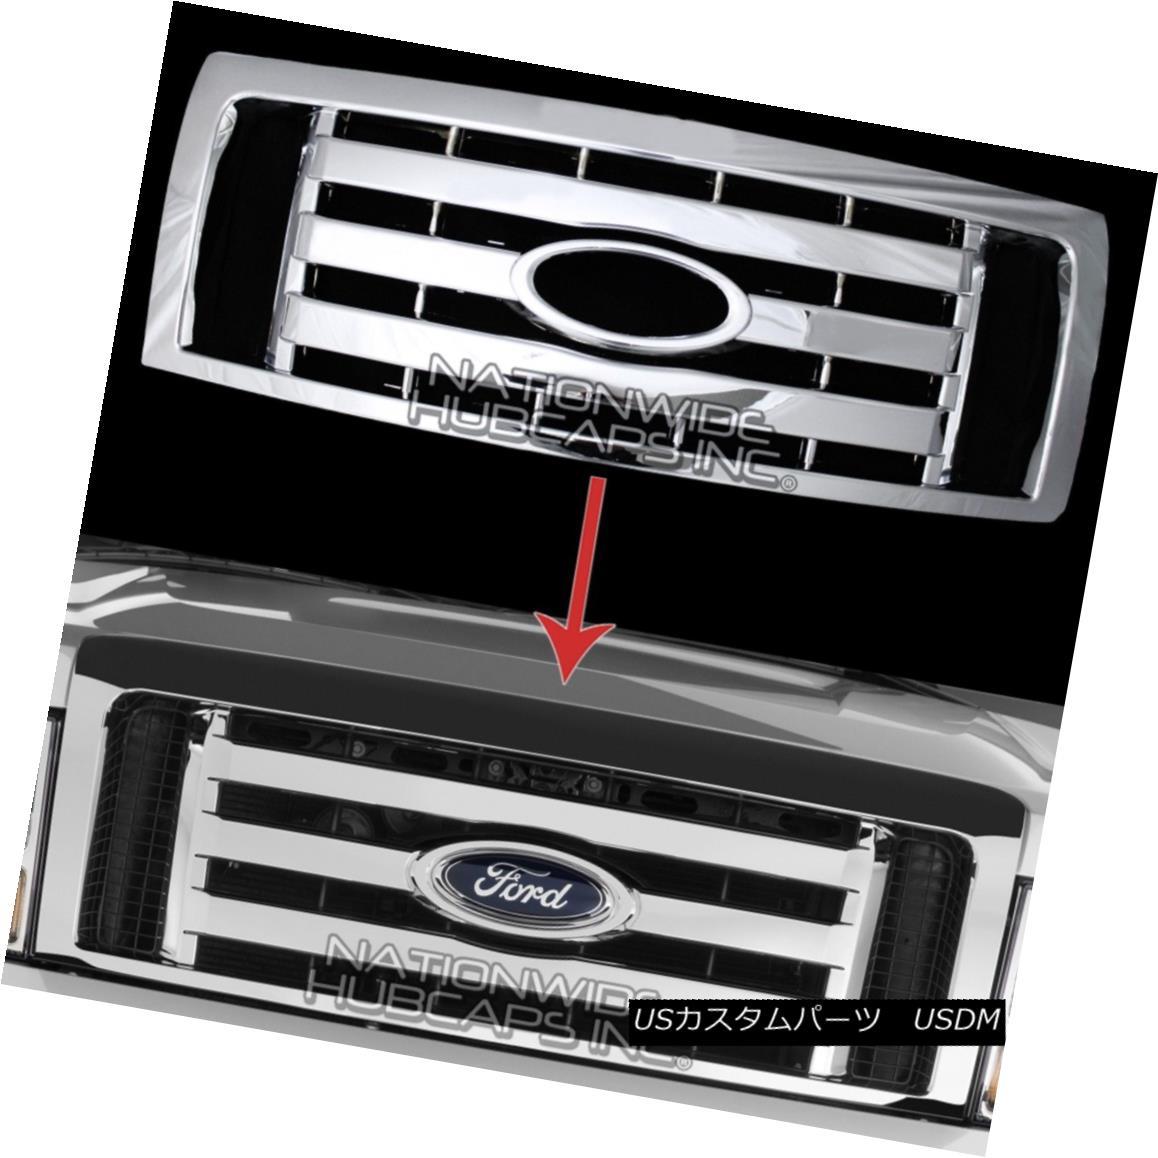 グリル 2009-2012 Ford F150 CHROME Snap On Grille Overlay Front Grill Cover Trim Insert 2009-2012 Ford F150 CHROMEスナップオングリルオーバーレイフロントグリルカバートリムインサート